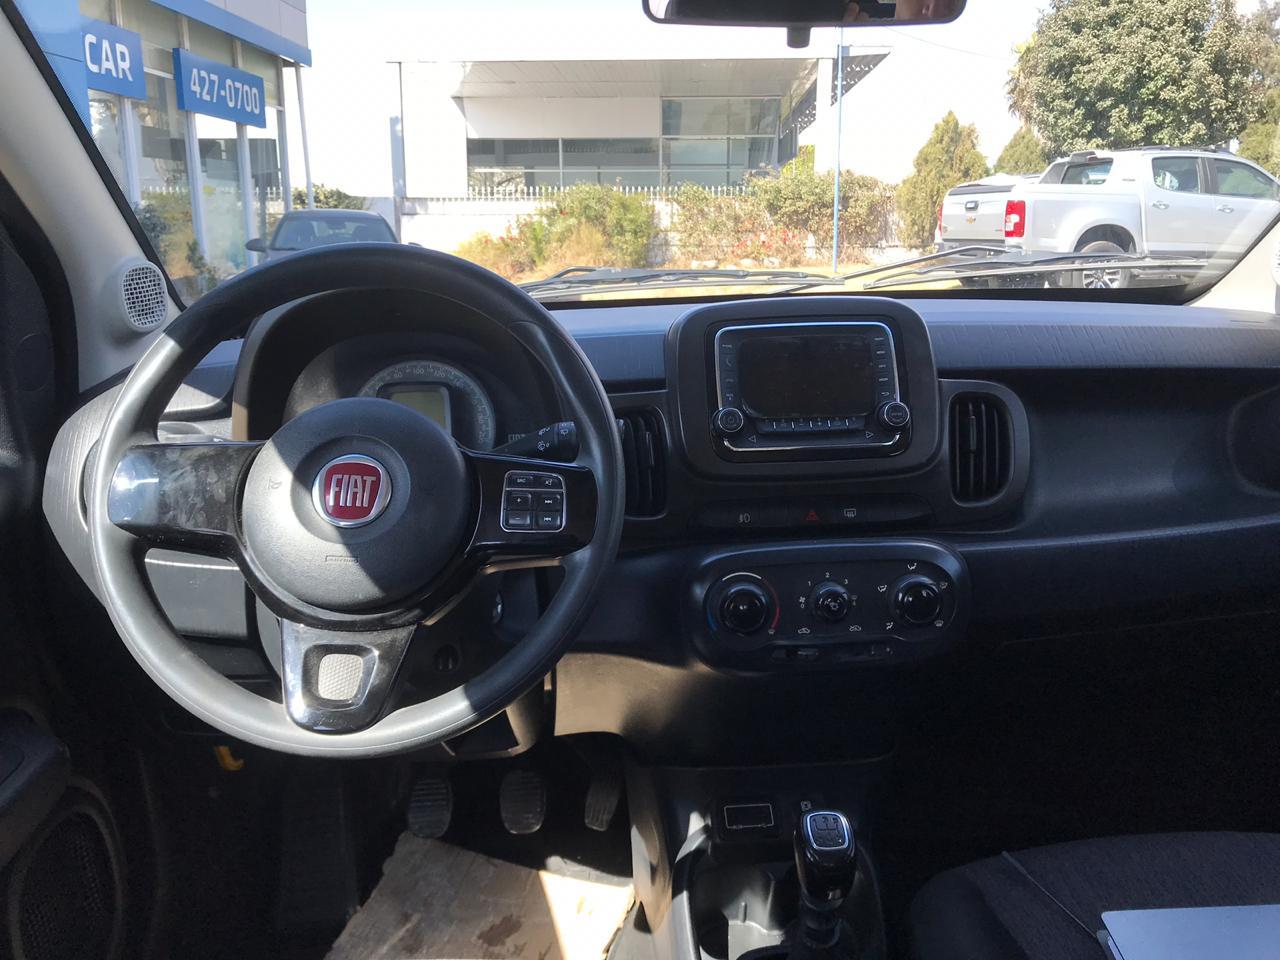 2017 FIAT MOBY 8V WAY 1,0L